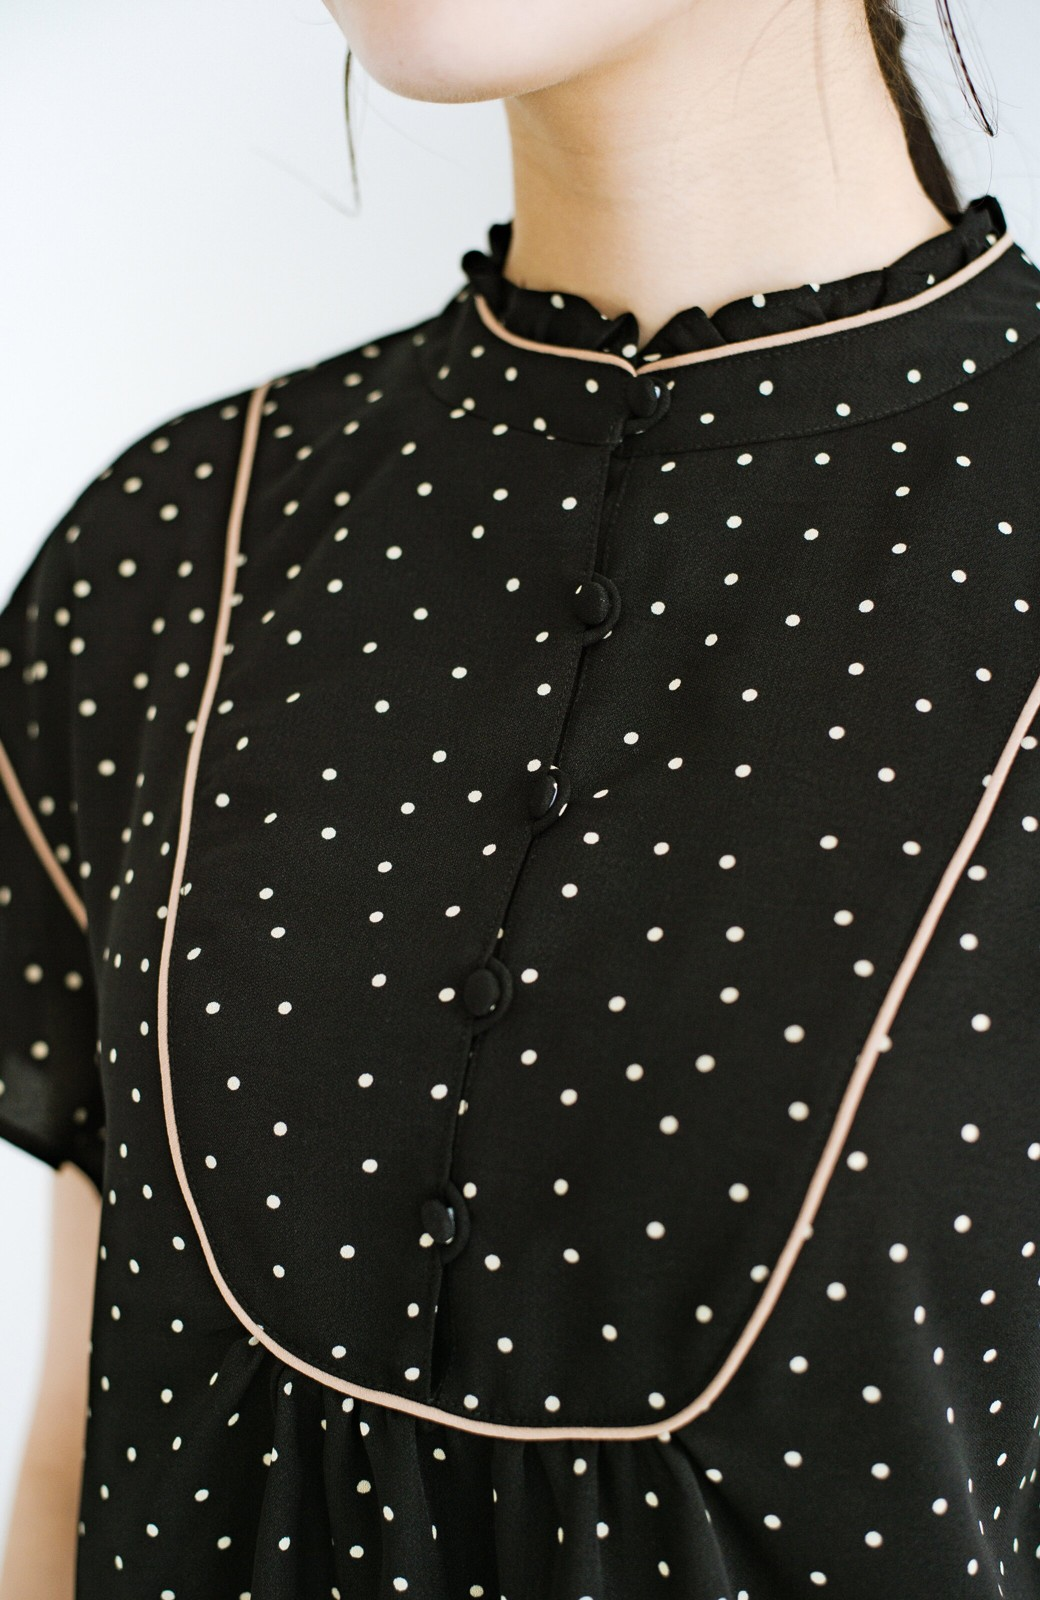 haco! パッと着てさっと華やぐ!かわいい柄のパイピングブラウス <ブラック系その他>の商品写真12